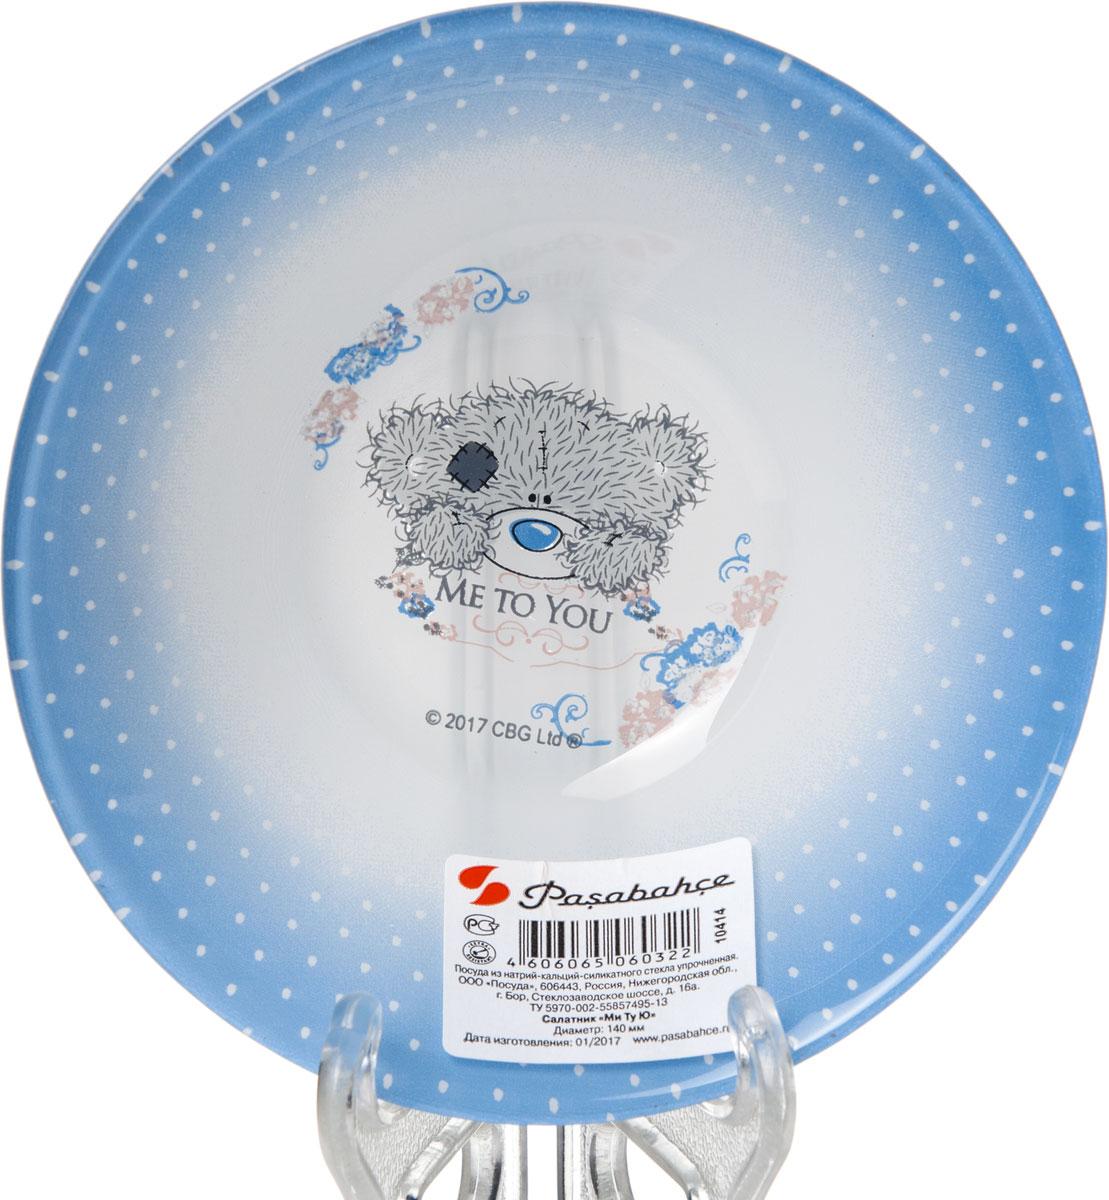 Салатник Pasabahce Me To You, цвет: голубой, диаметр 14 см футболка для беременных printio мишка me to you